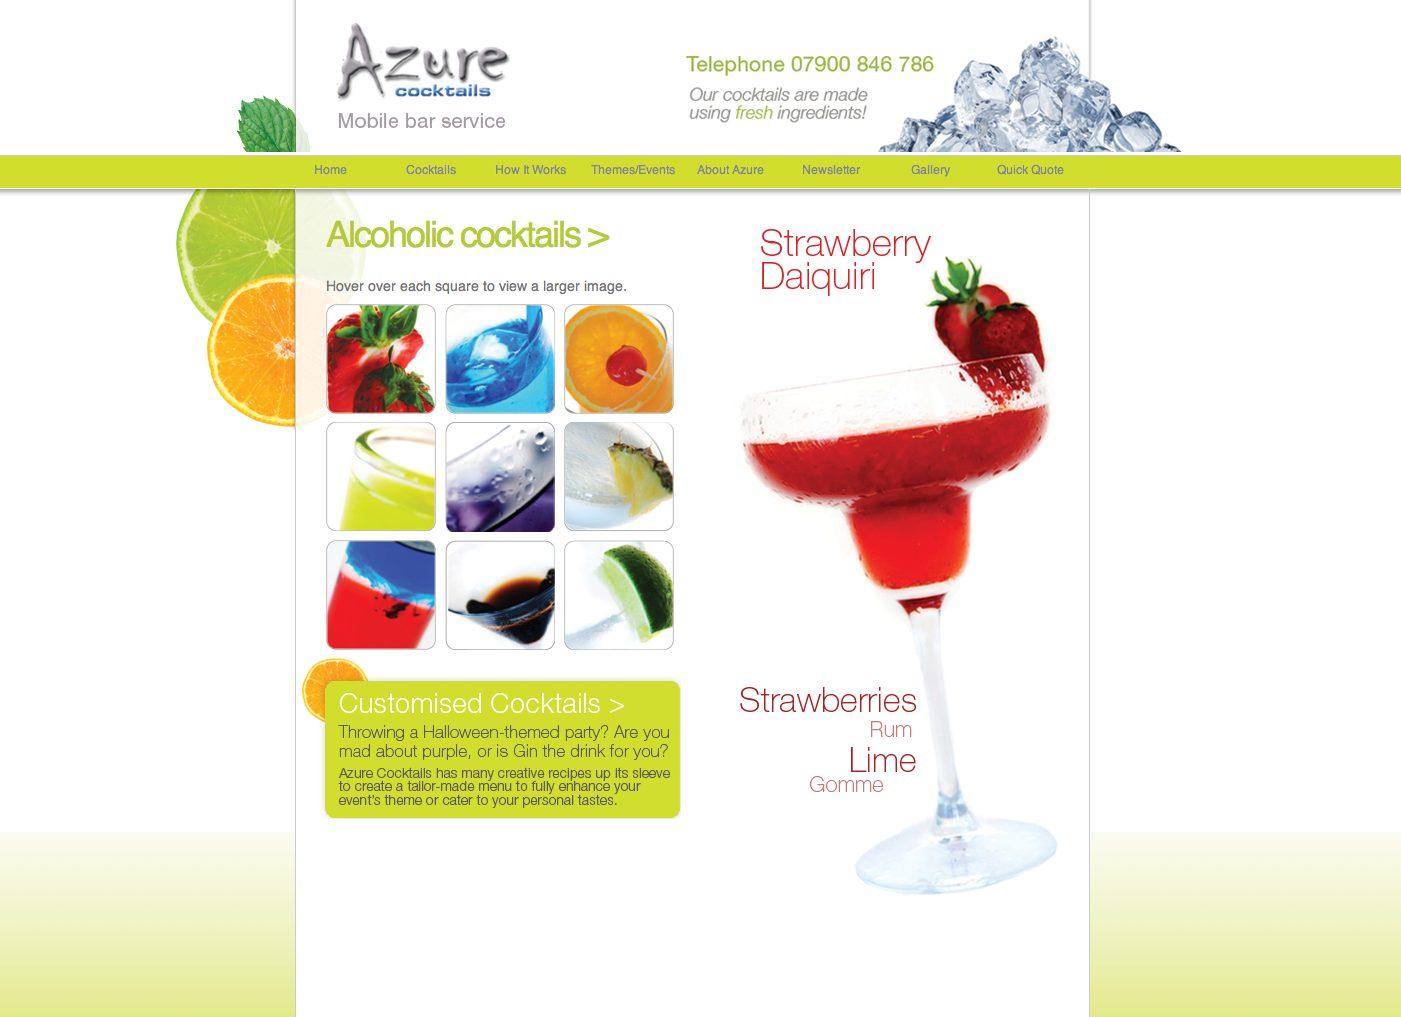 Azure cocktails